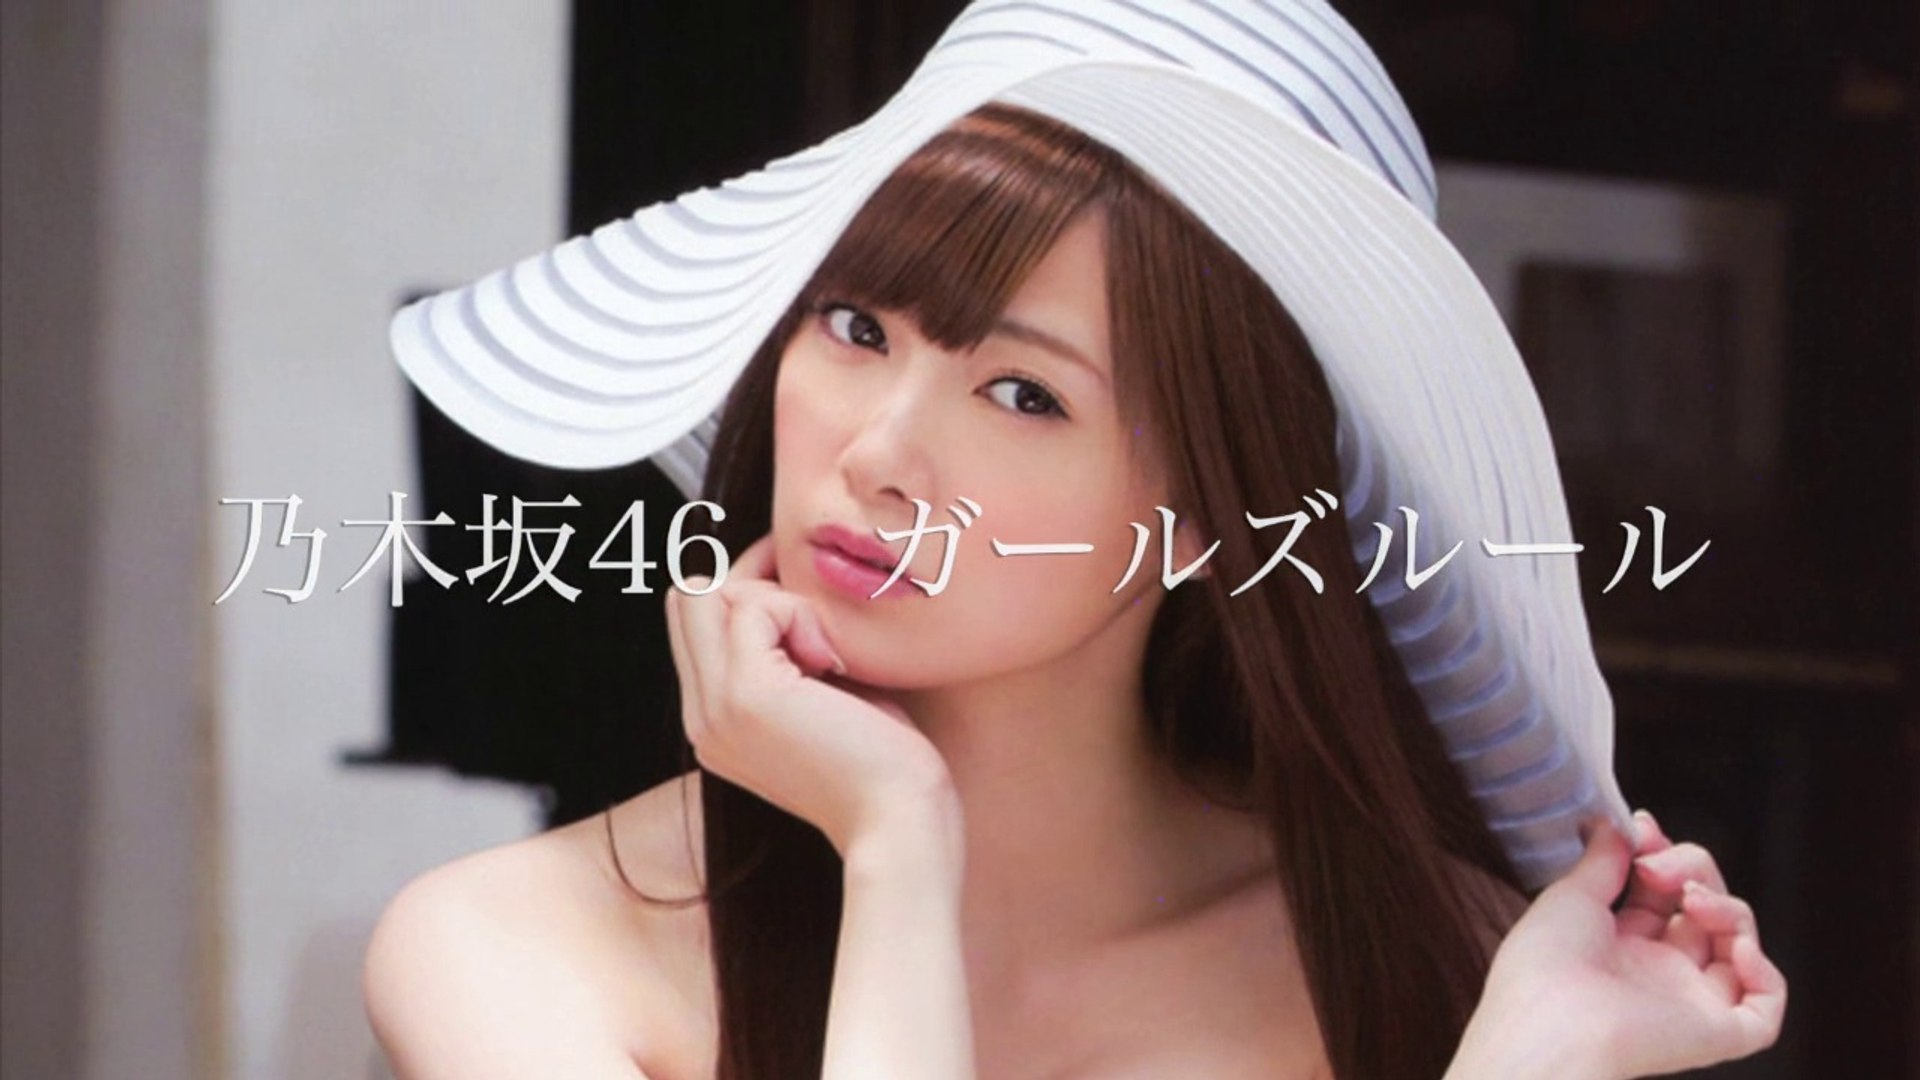 乃木坂46 ガールズルール 白石麻衣 Nogizaka46 Mai Shiraishi Photo